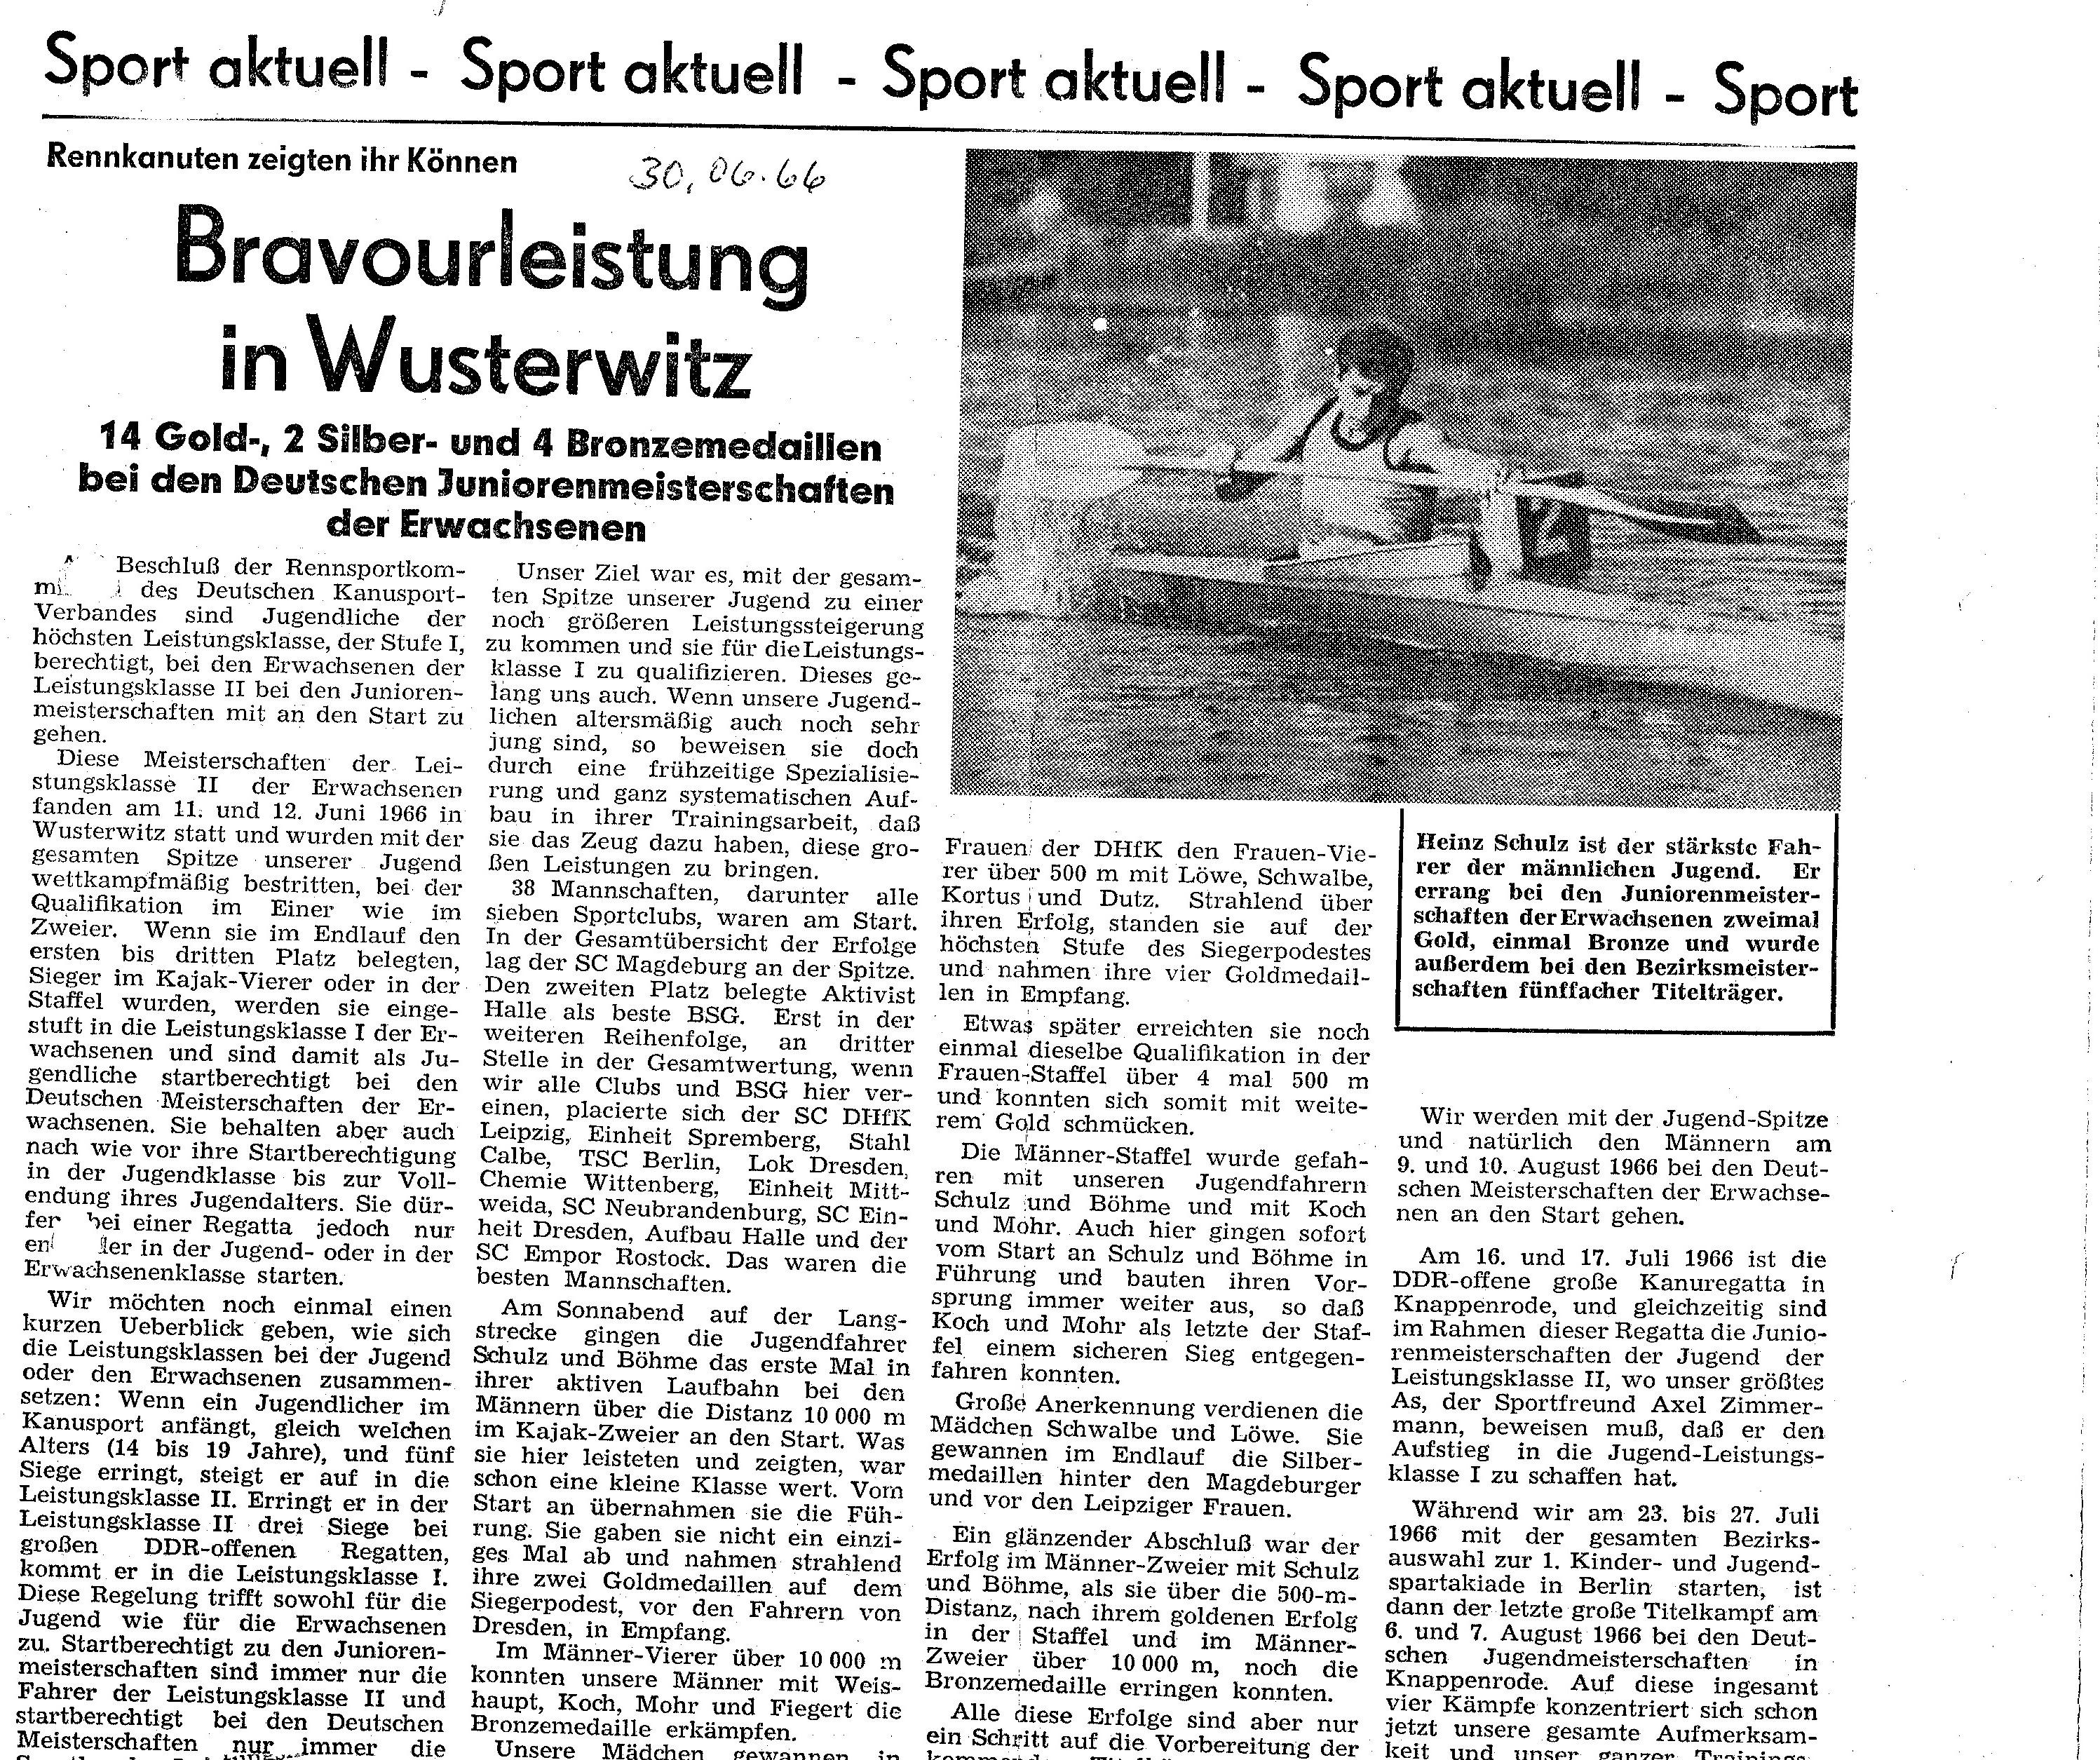 1966-06-30 Bravourleistung in Wusterwitz